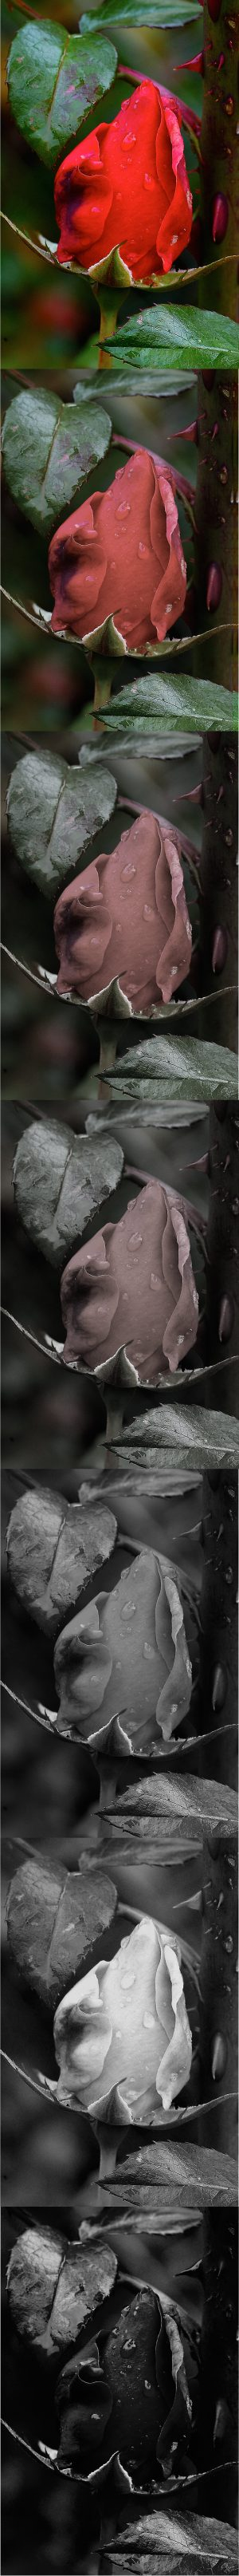 Vertical Roses 1